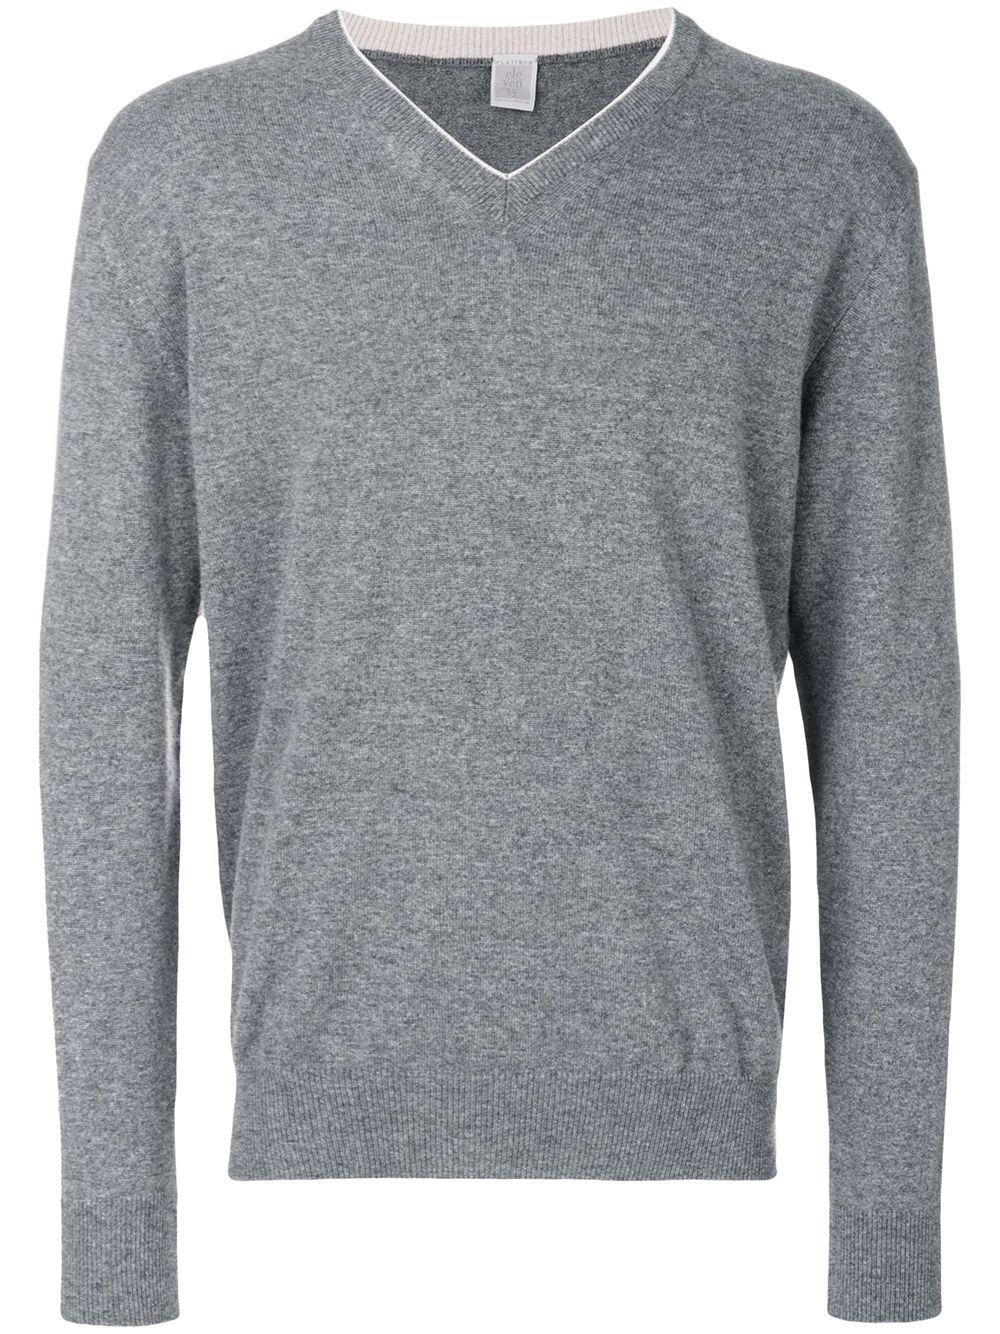 maglioncino di cachemere grigio scuro con scollo a V con dettaglio bianco ELEVENTY | Maglieria Moda | 979MA0205-MAG2400614